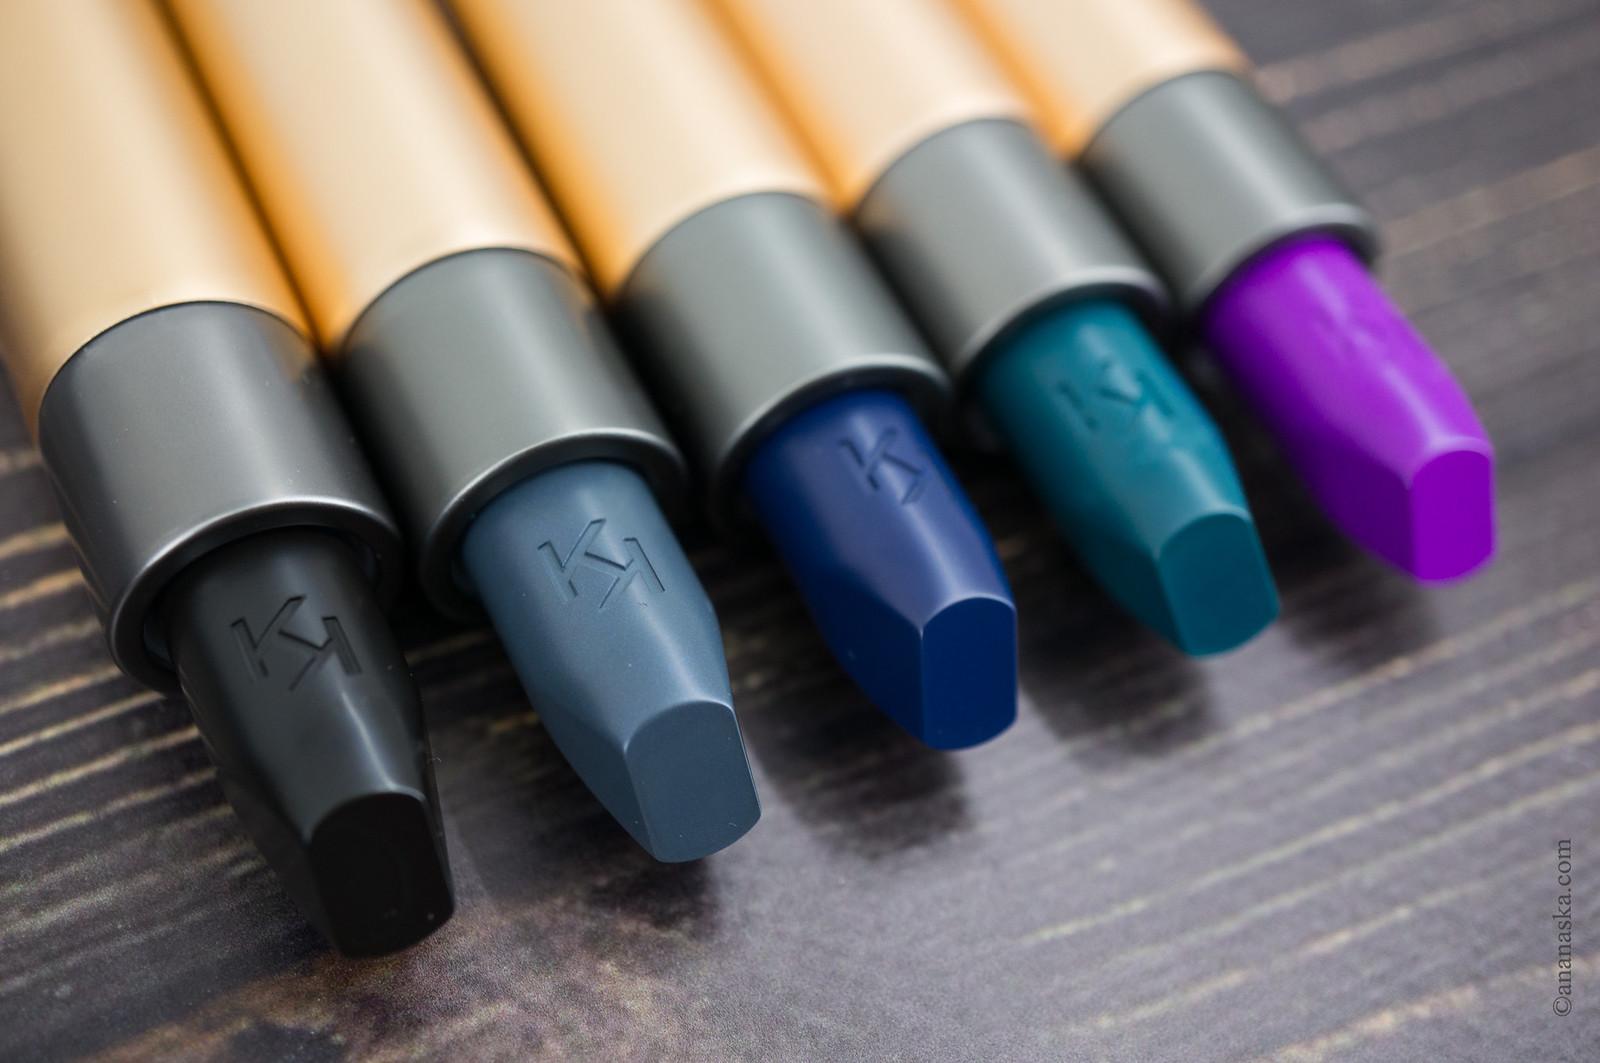 Kiko Milano Velvet Passion Matte Lipstick Crazy Colours